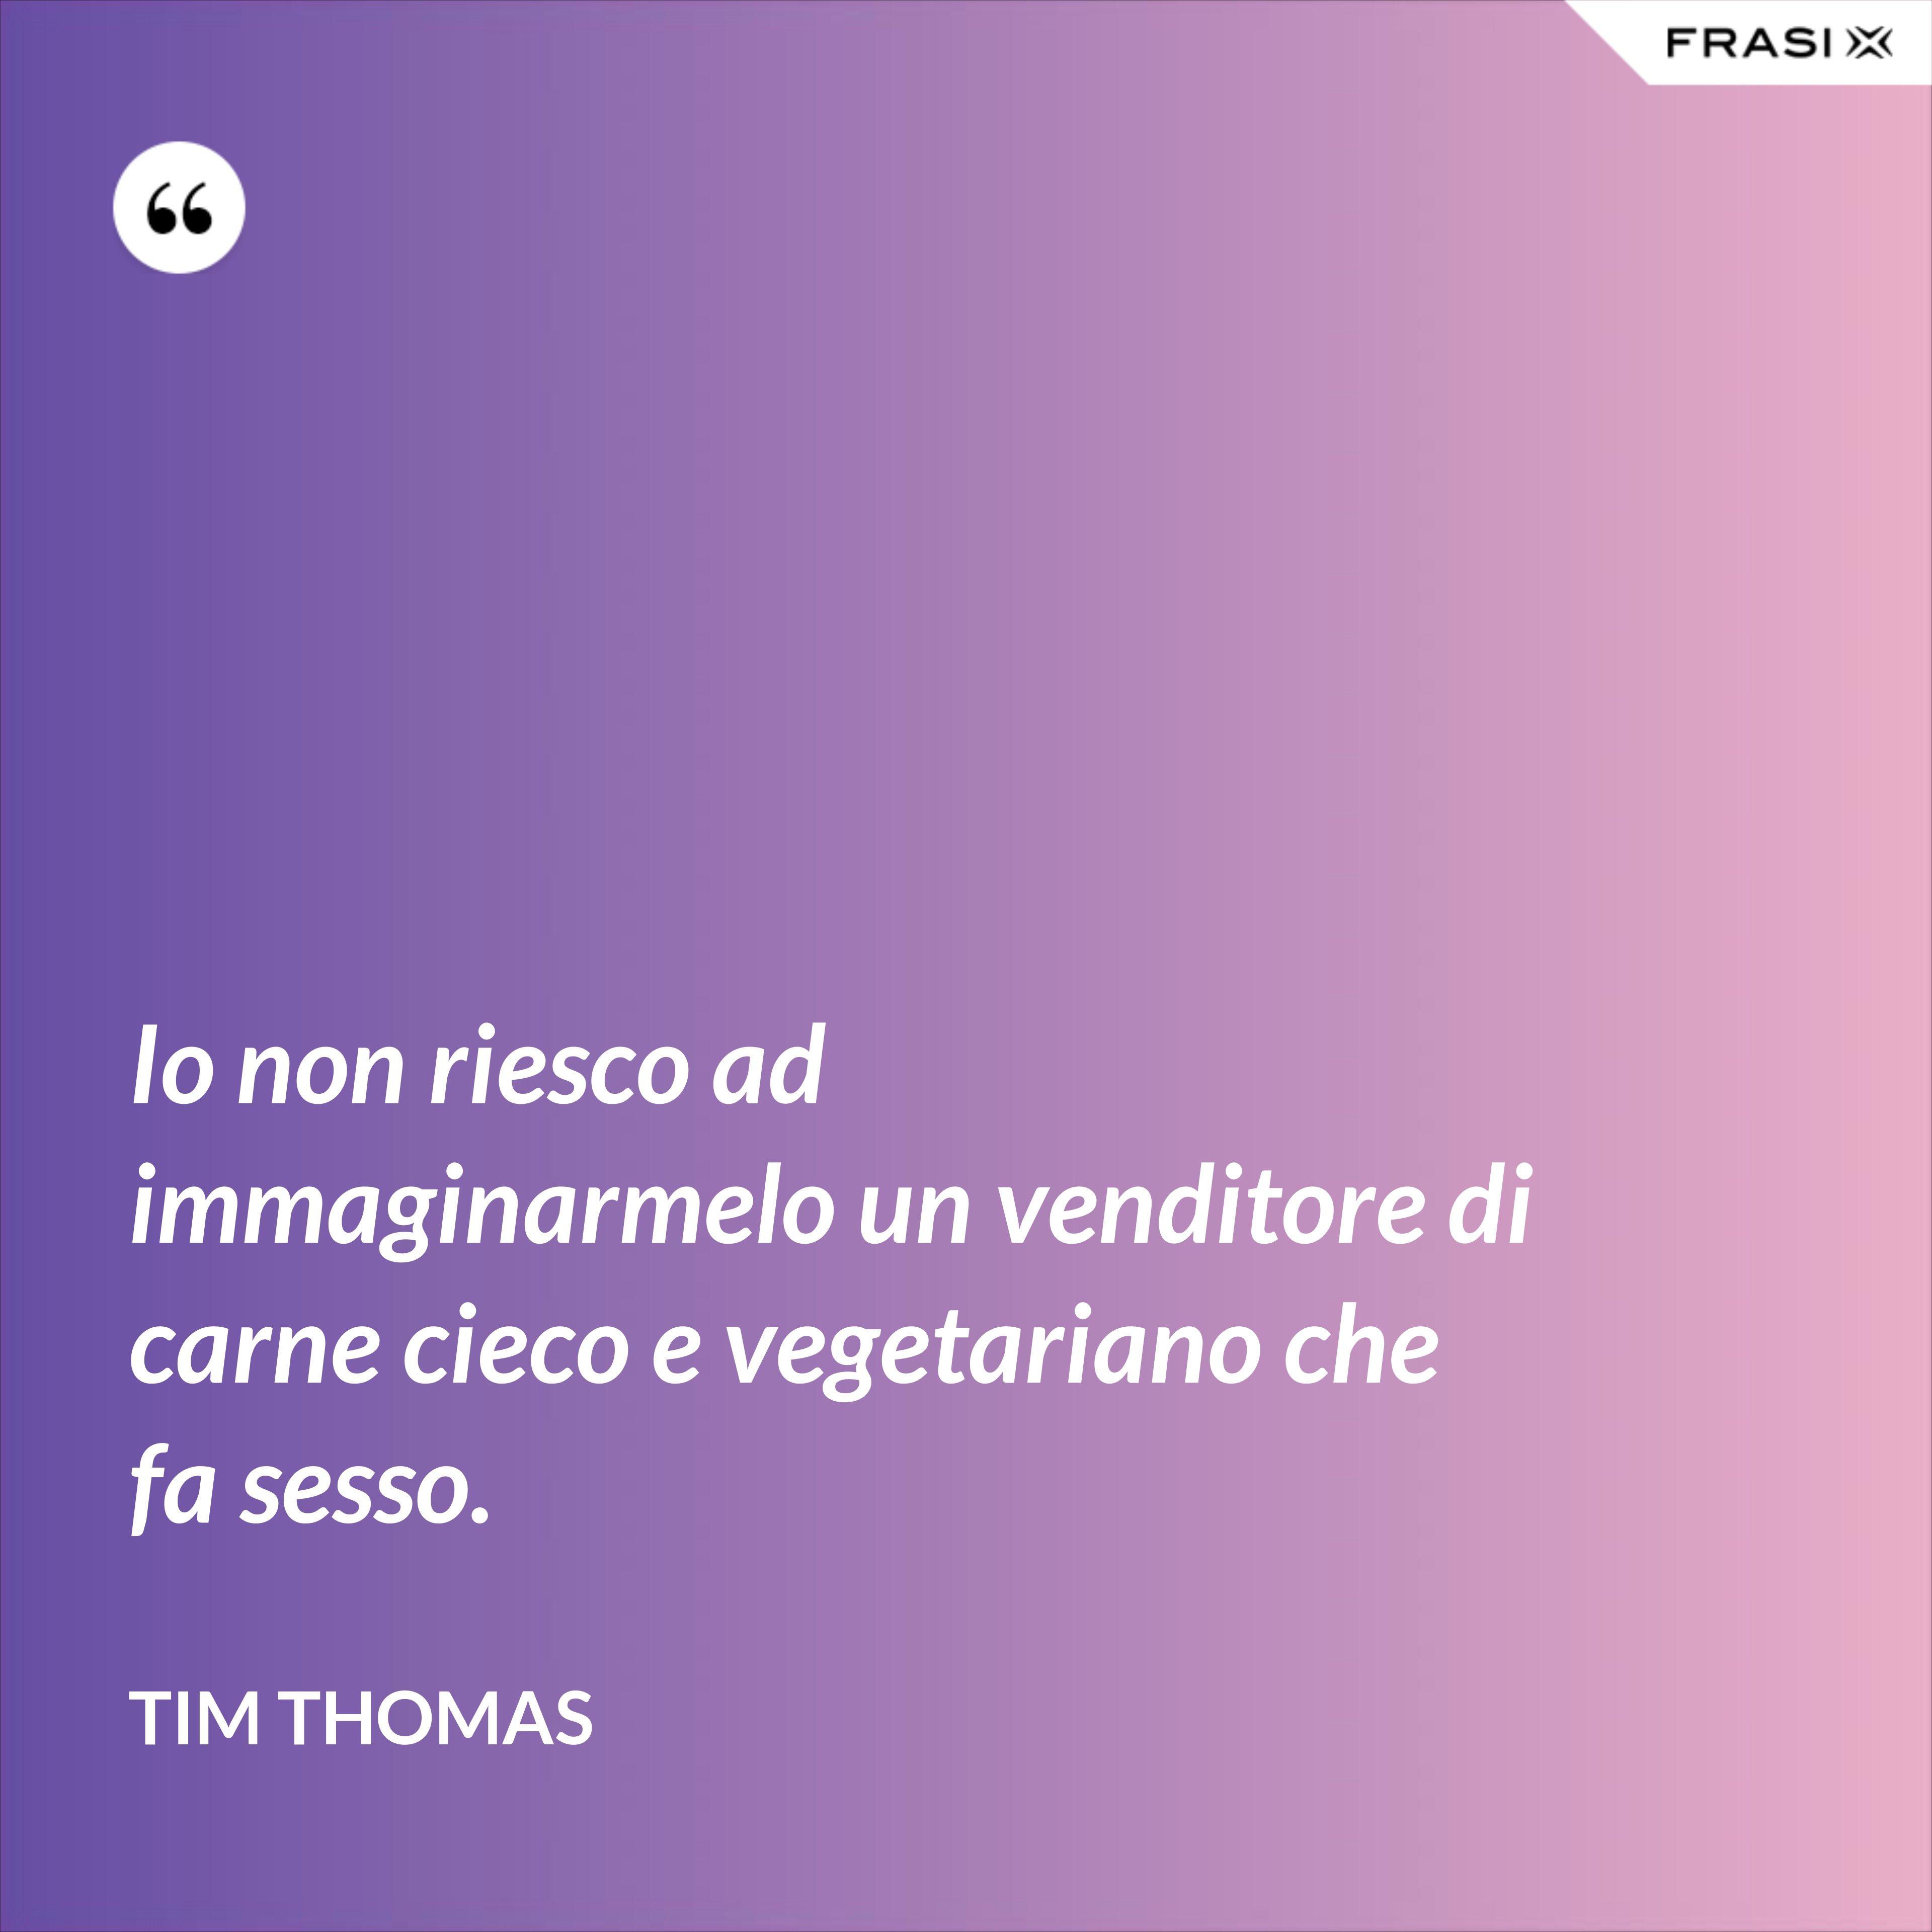 Io non riesco ad immaginarmelo un venditore di carne cieco e vegetariano che fa sesso. - Tim Thomas